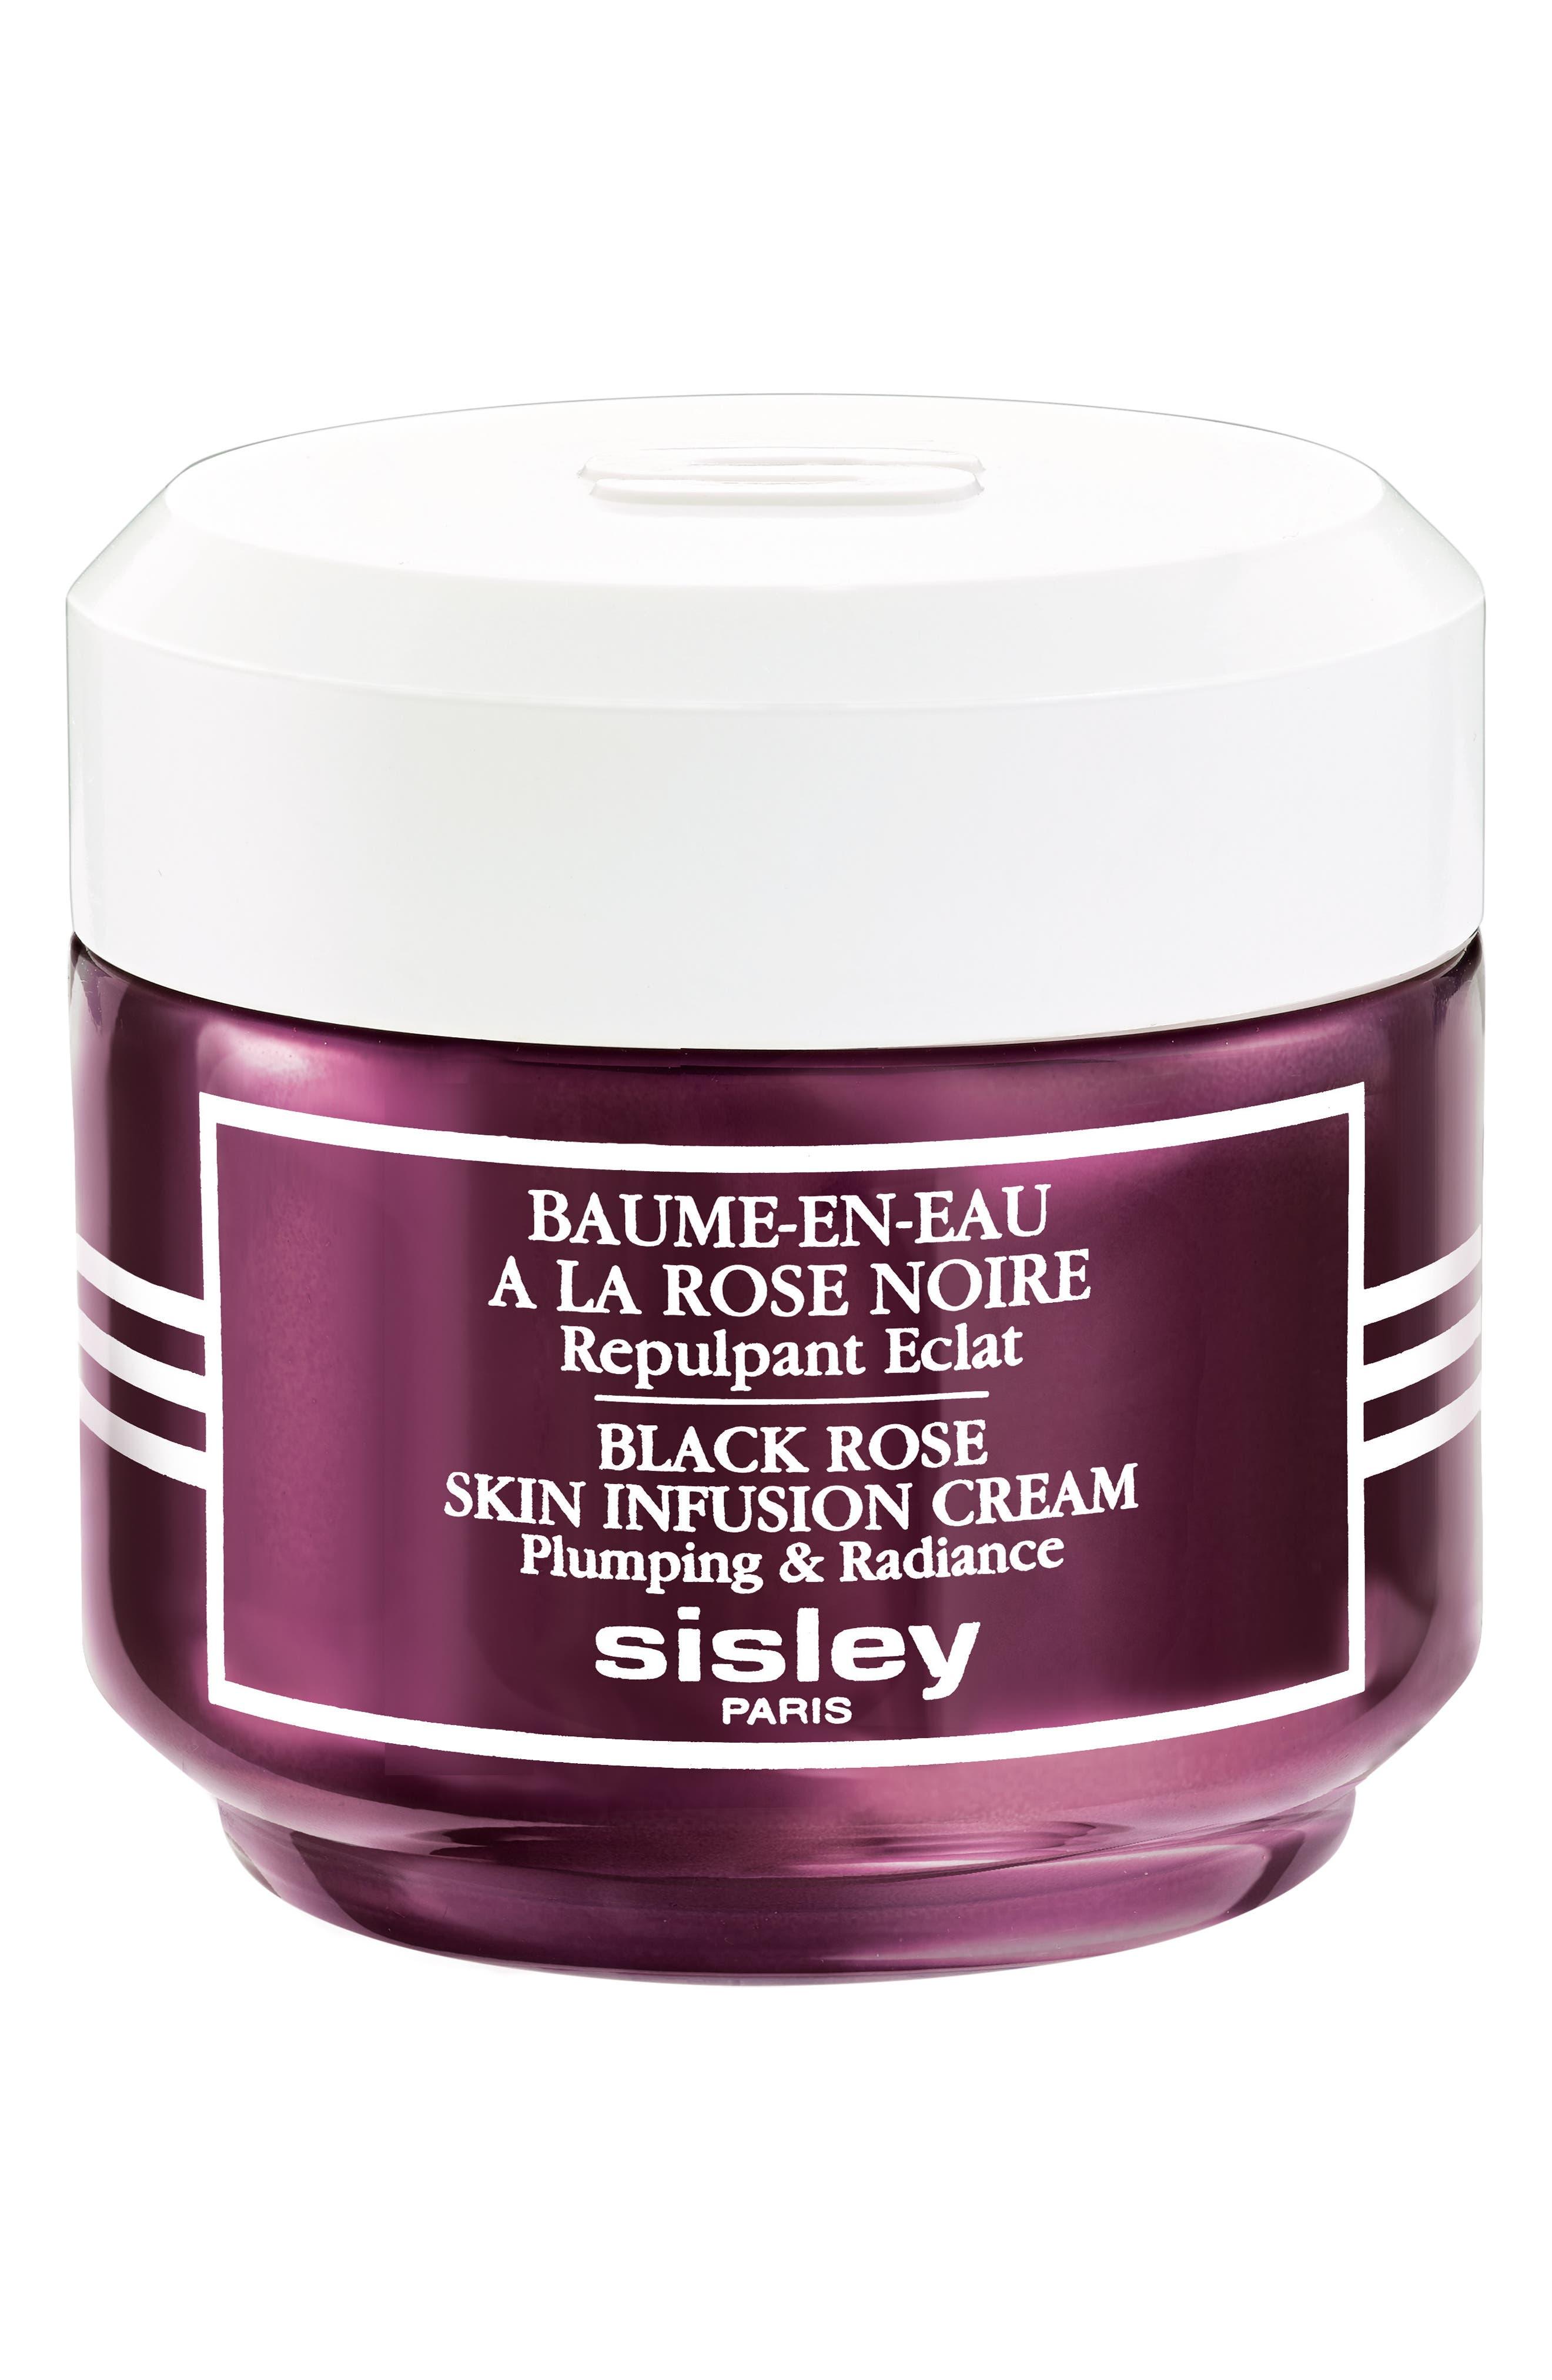 Alternate Image 1 Selected - Sisley Paris Black Rose Skin Infusion Cream